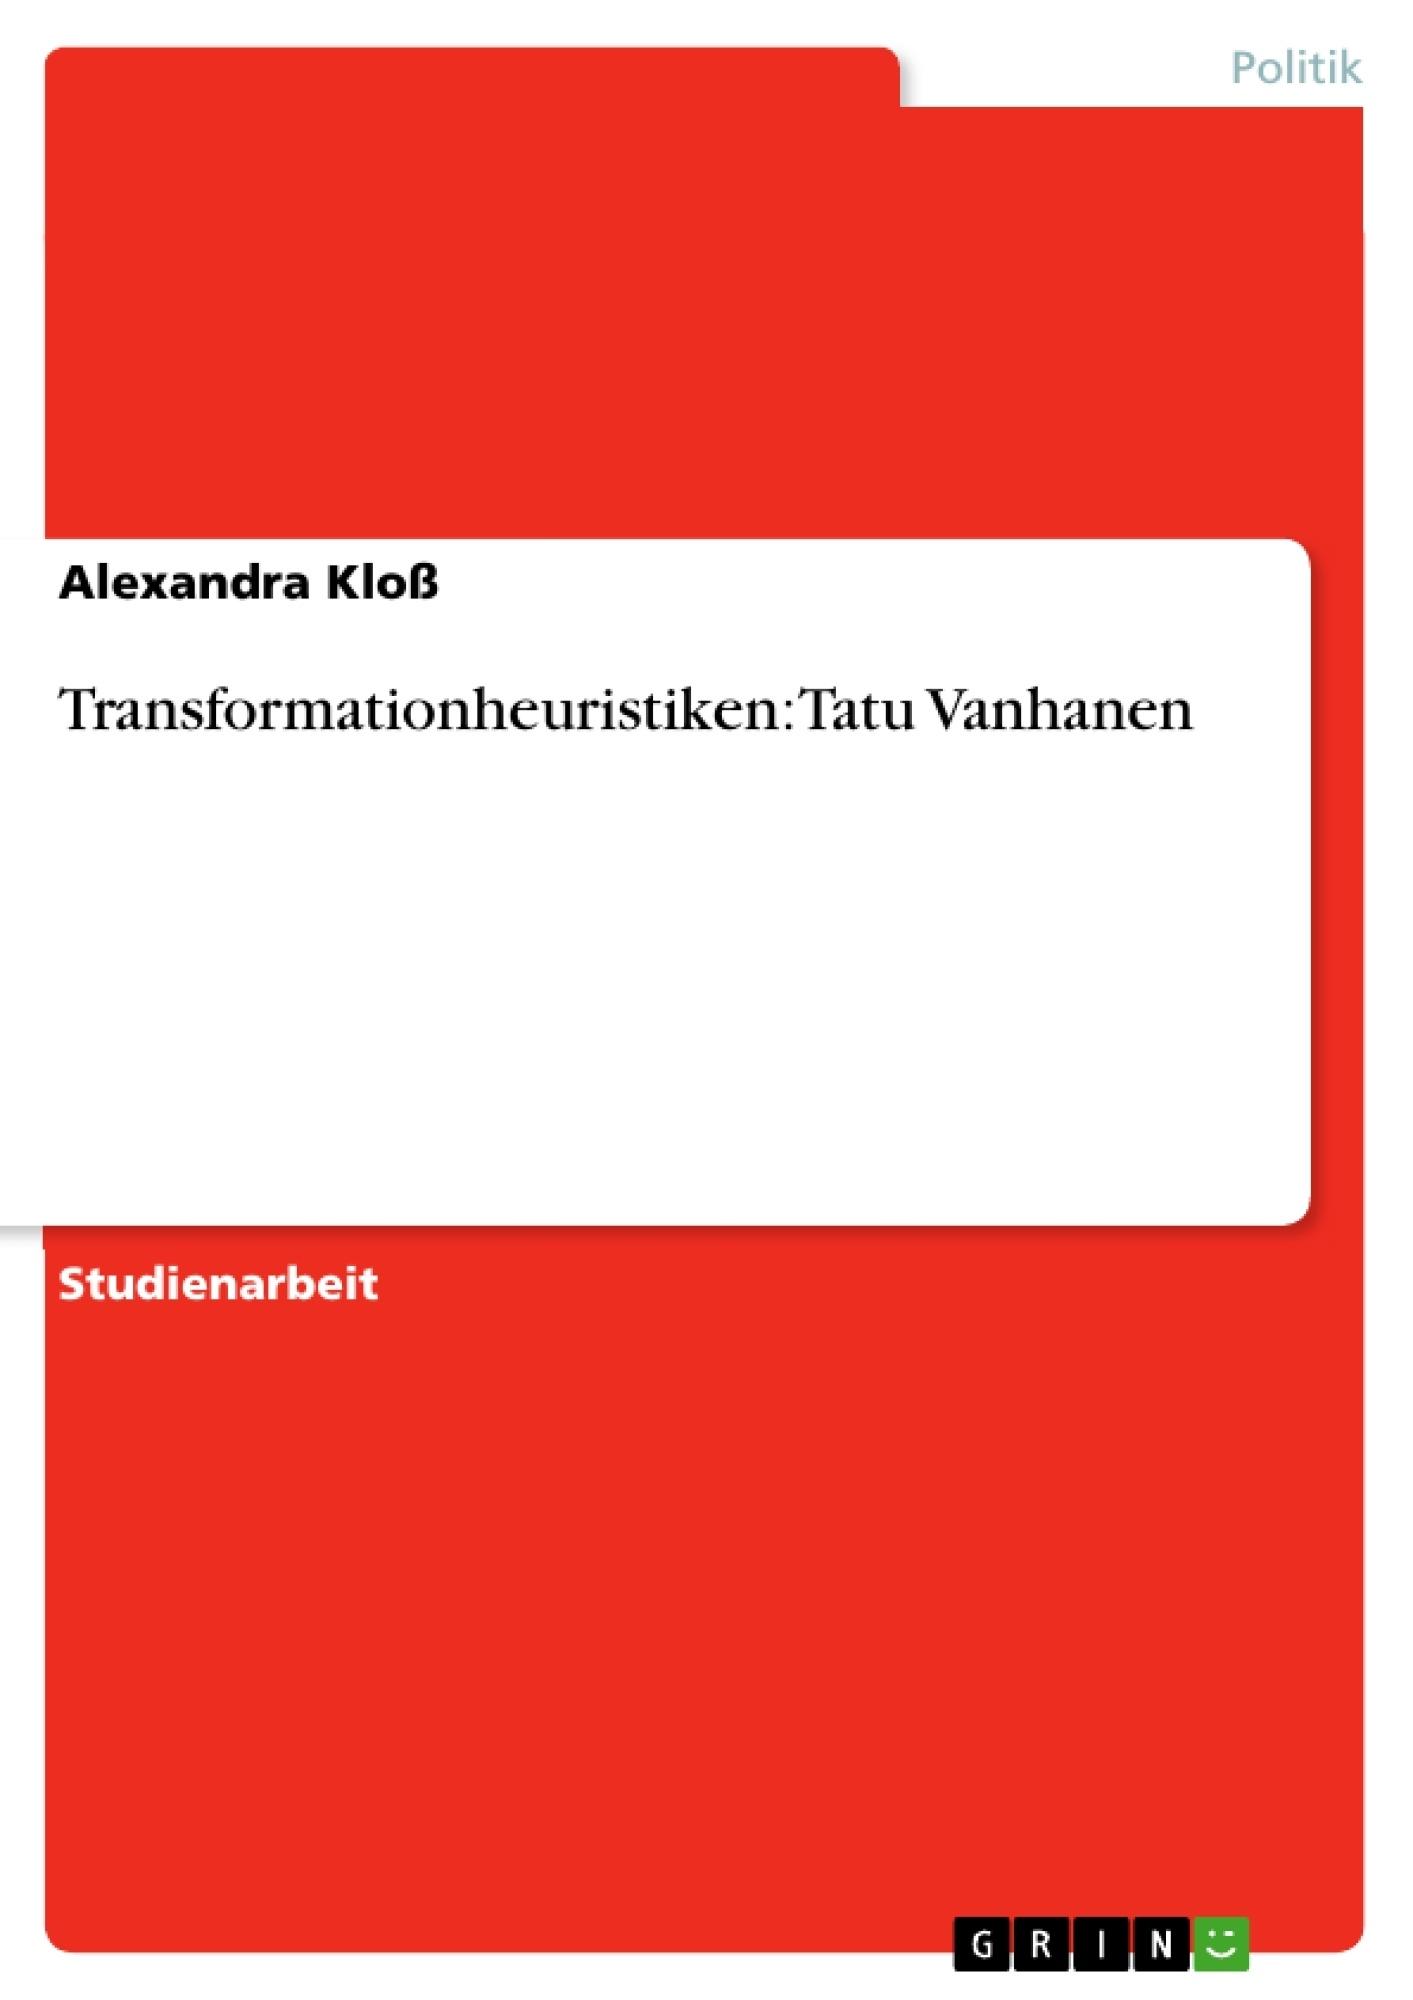 Titel: Transformationheuristiken: Tatu Vanhanen